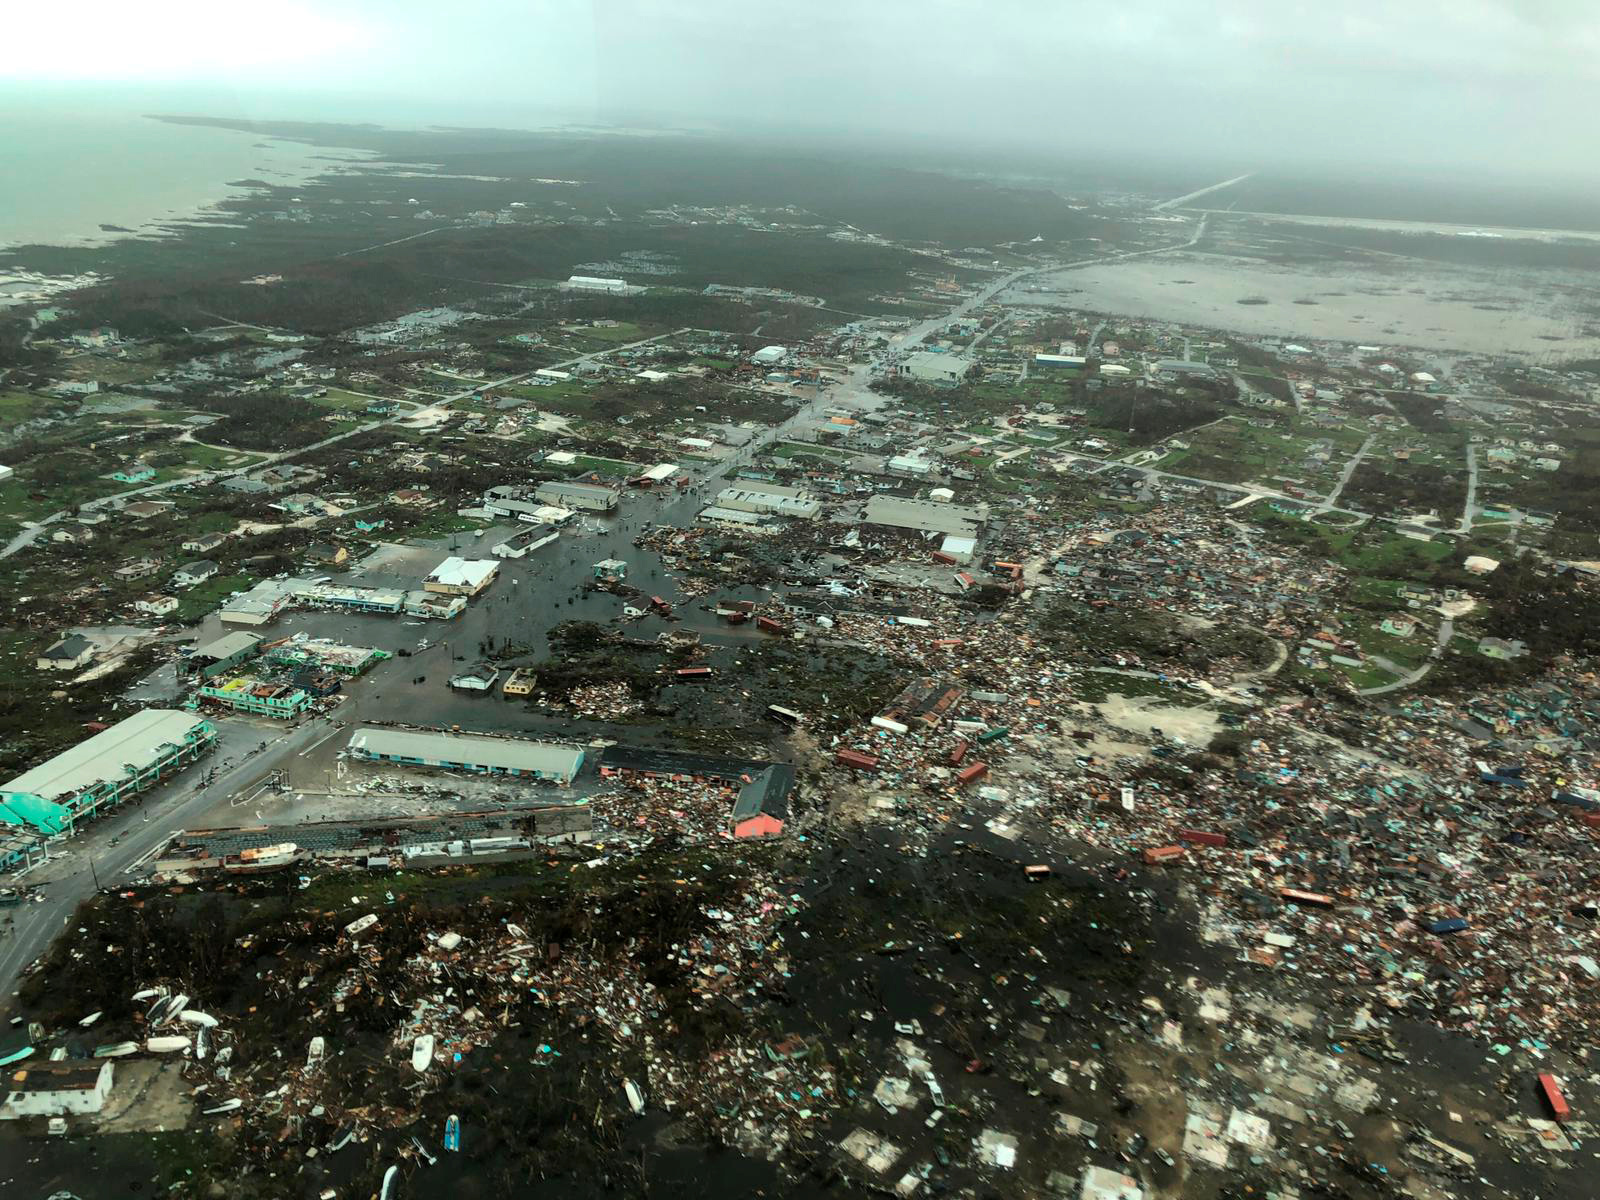 صورة جوية لجانب آخر من الدمار في جزر أباكو في البهاما بعد إعصار دوريان